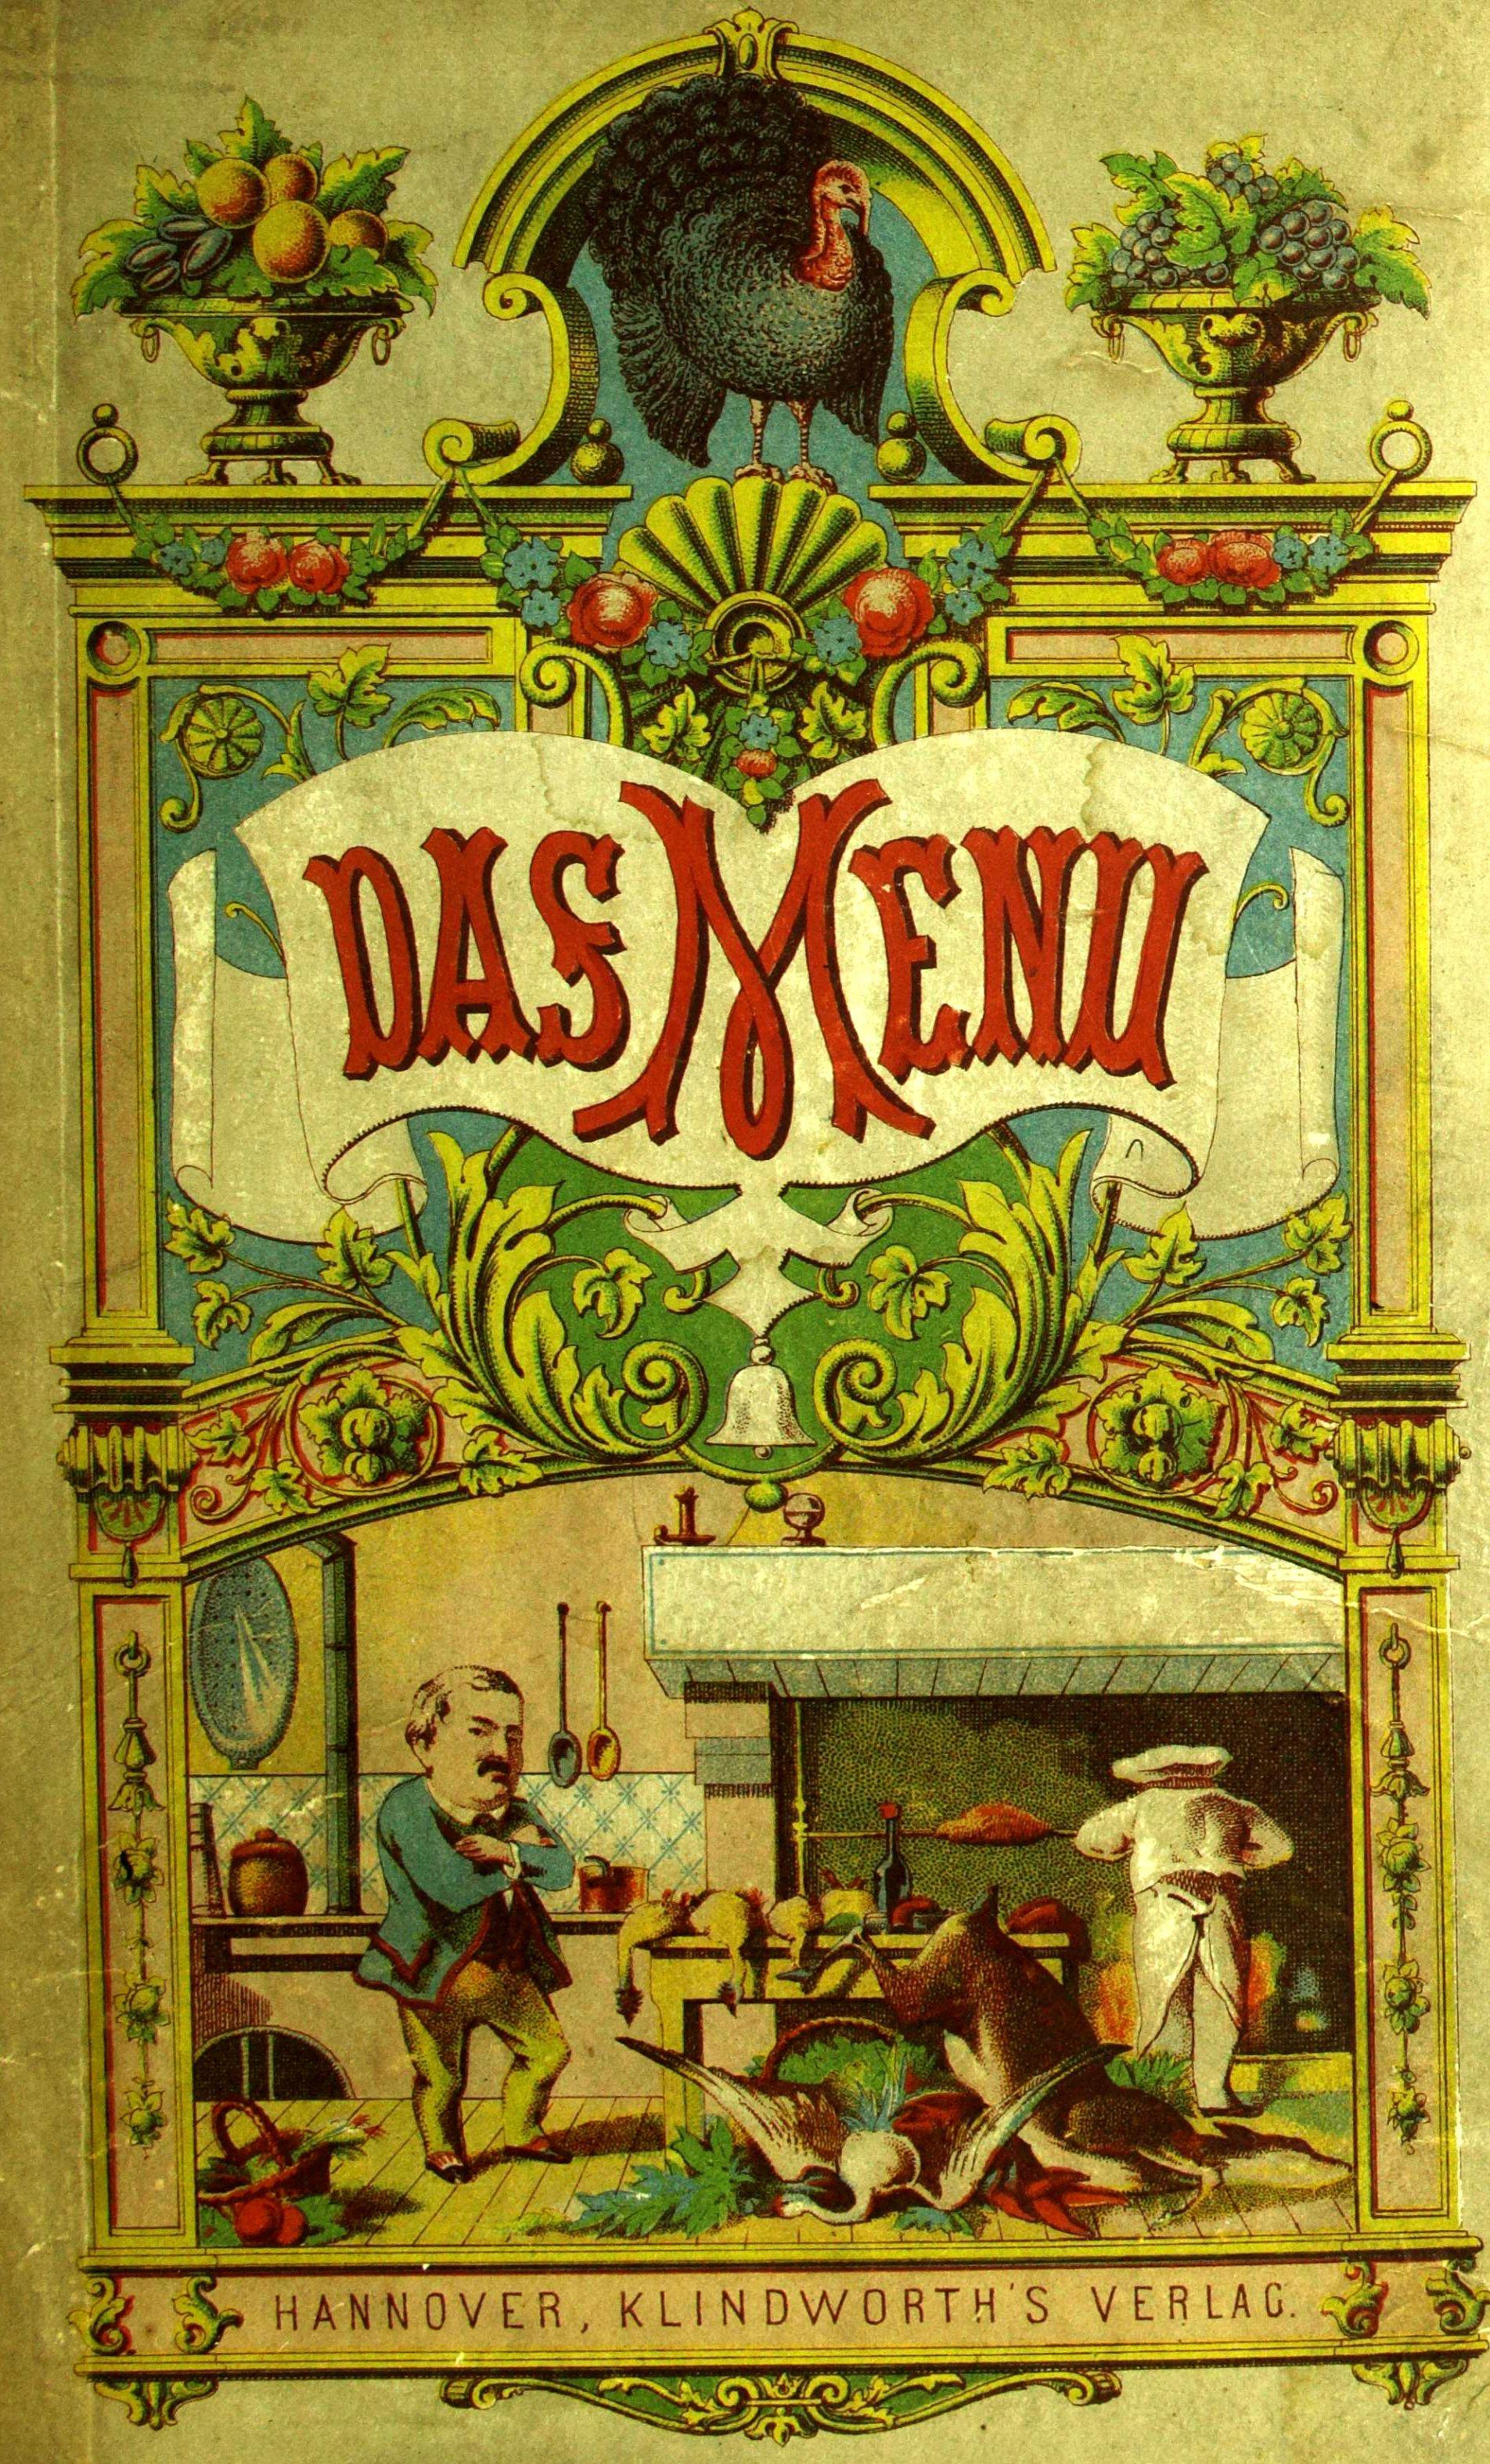 FileDas Menu Ernst von Malrotie 1878jpg  Wikimedia